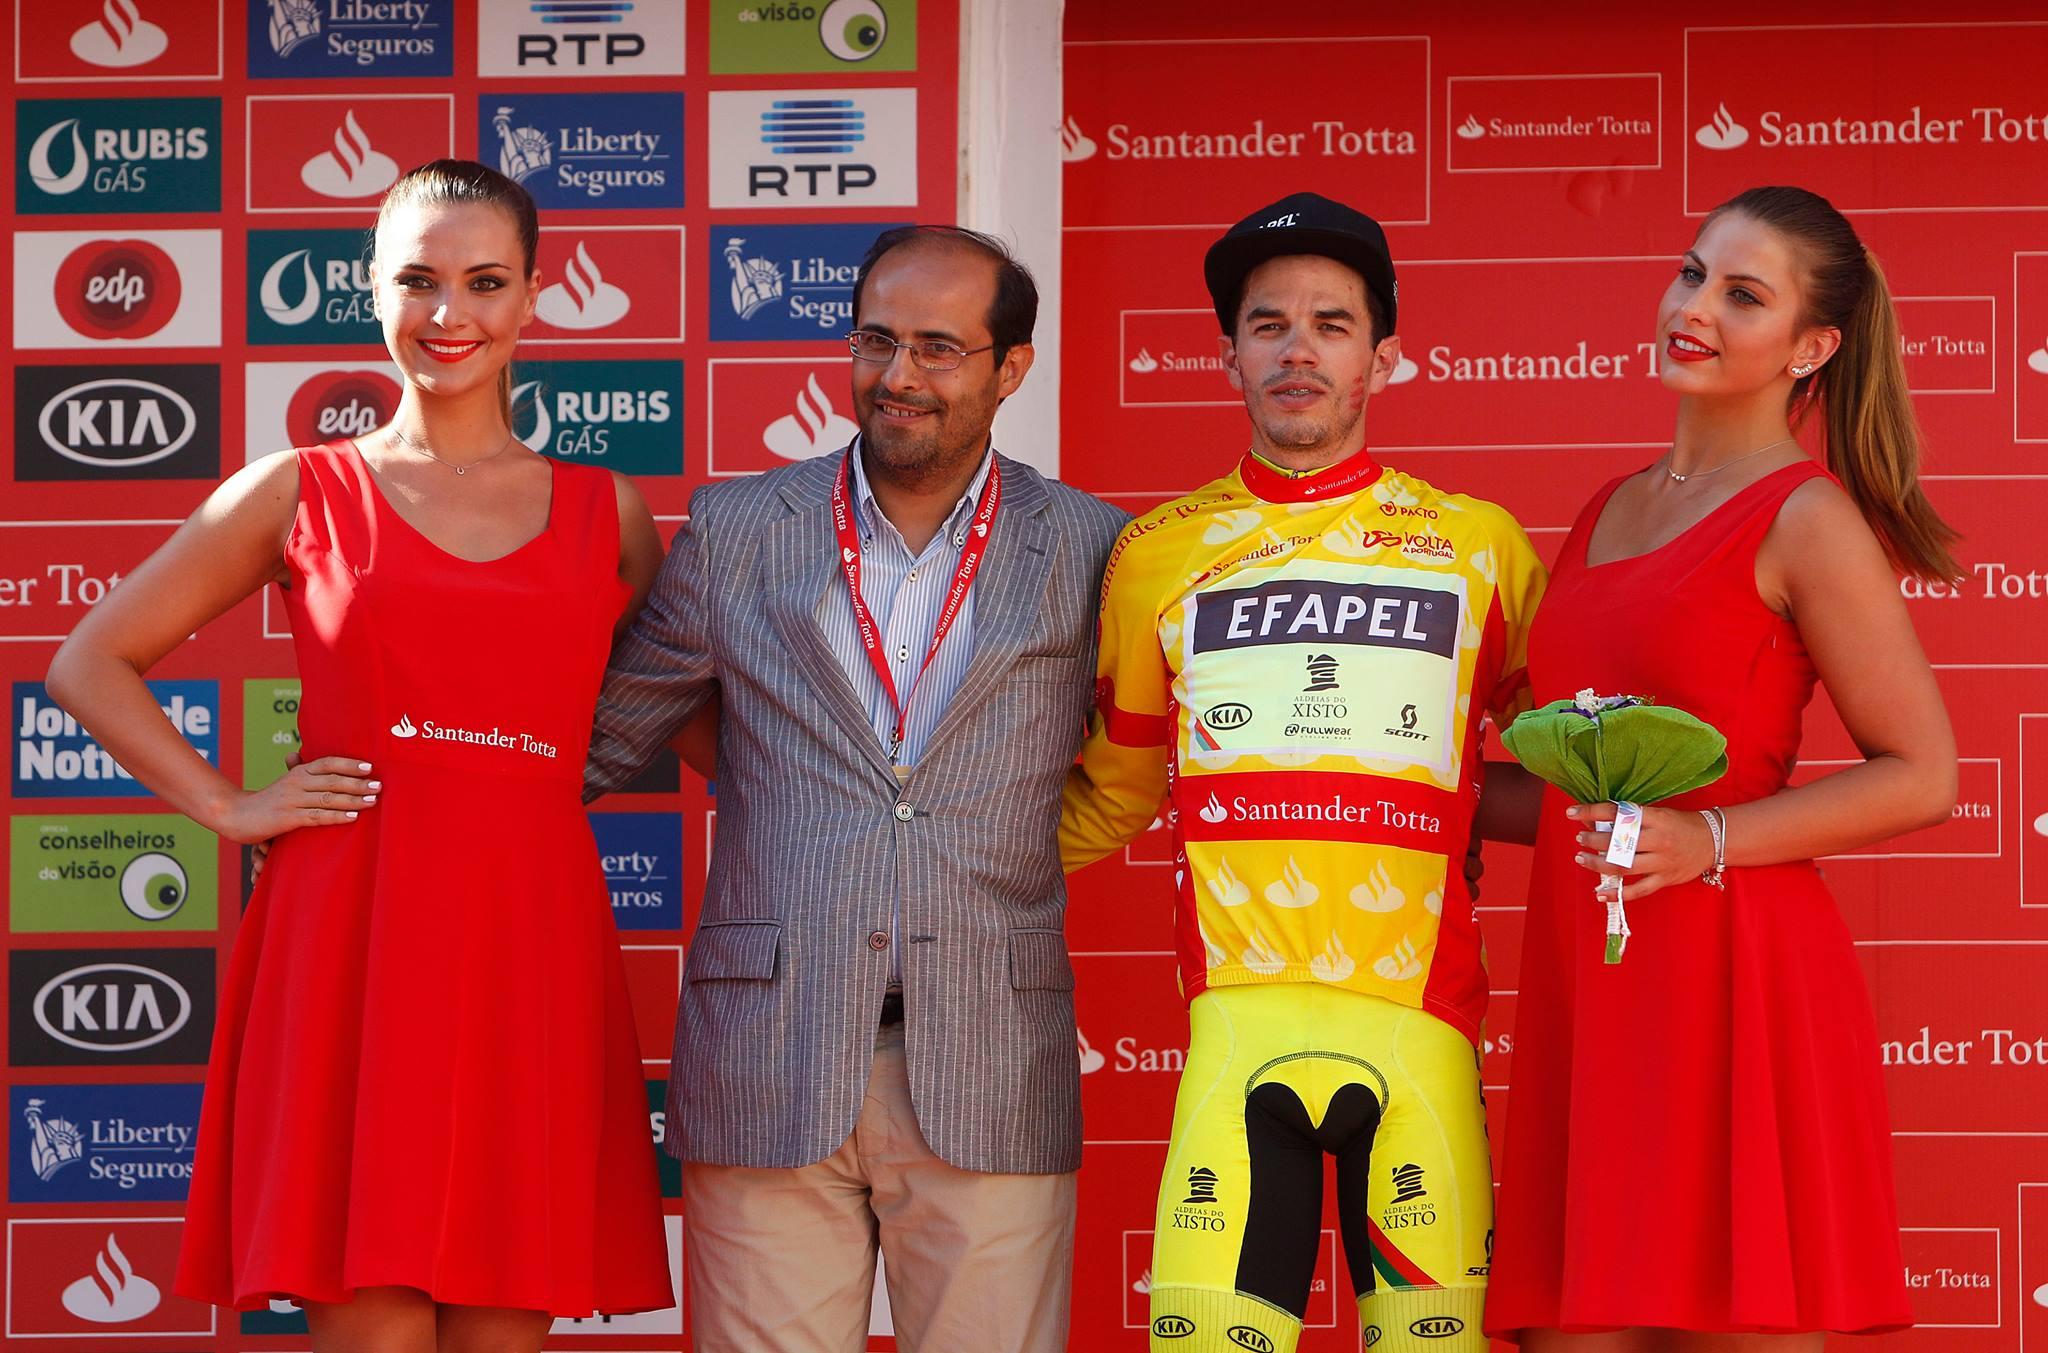 78ª Volta a Portugal Santander Totta - 1ª Etapa (4) Daniel Mestre